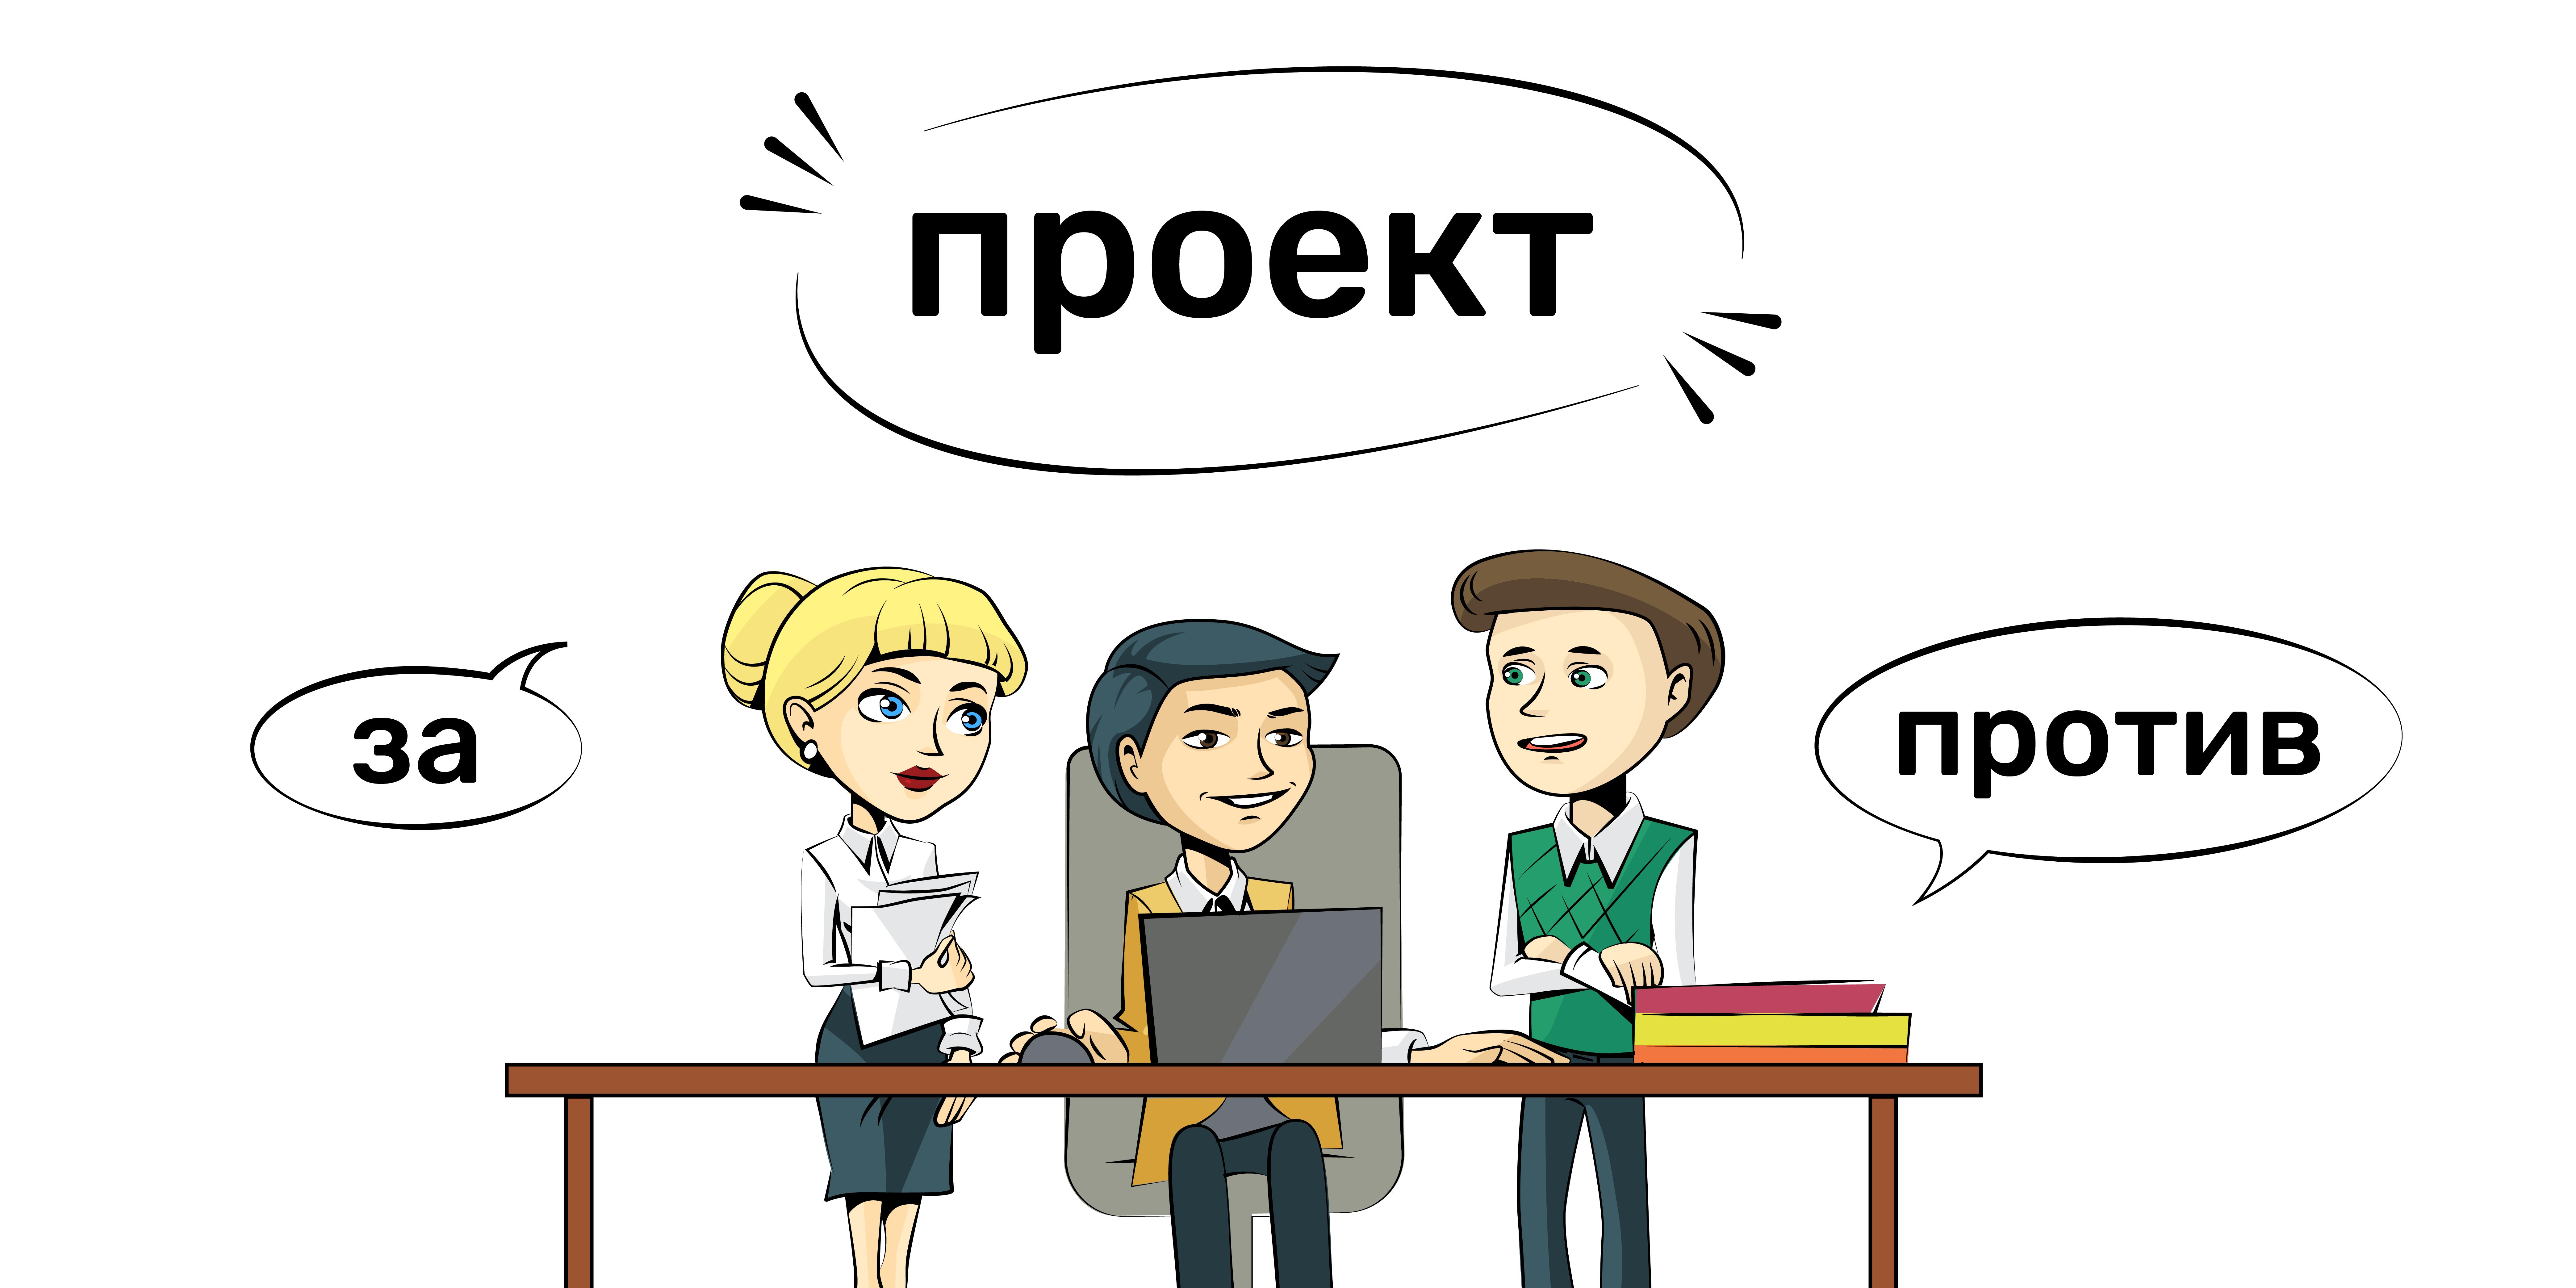 ПРОЕКТ изменений по спецификам для гос.учреждений РК